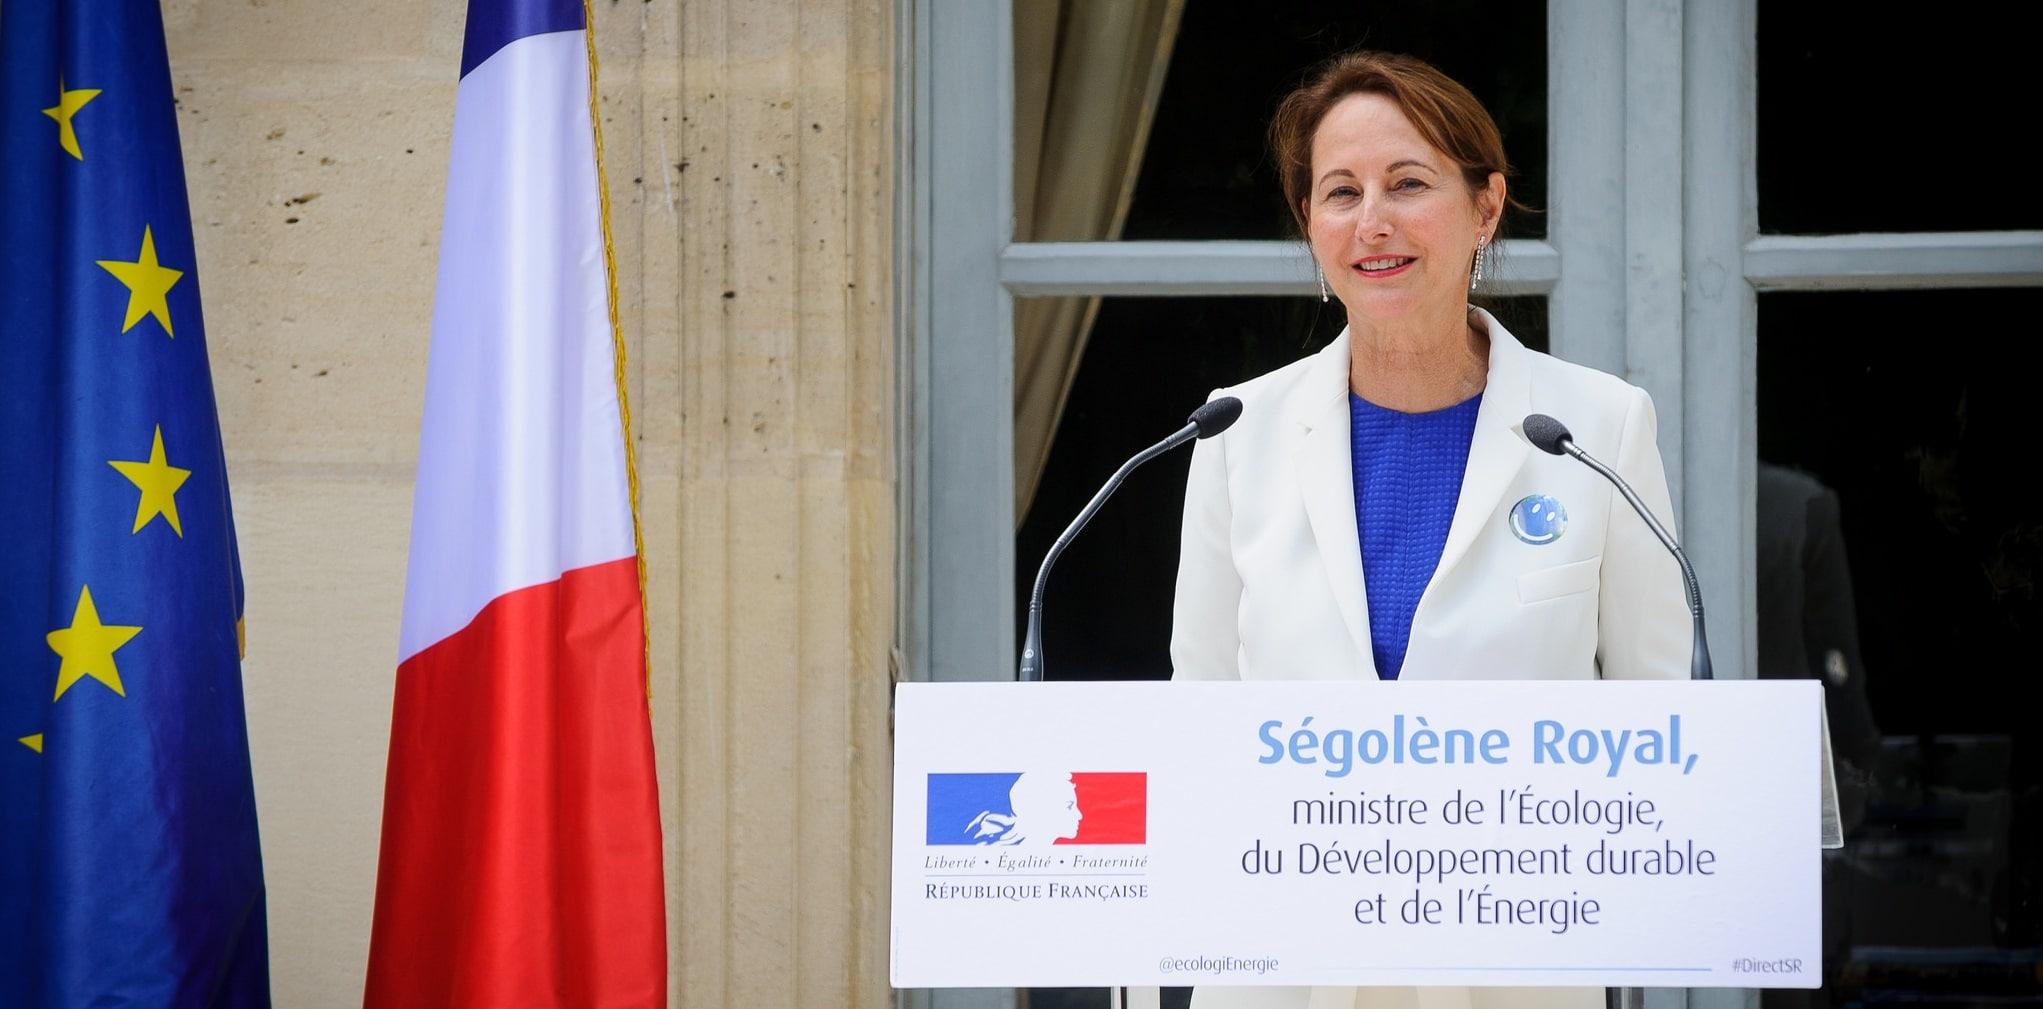 Notre-Dame-des-Landes au cœur de la campagne présidentielle de Ségolène Royal ?